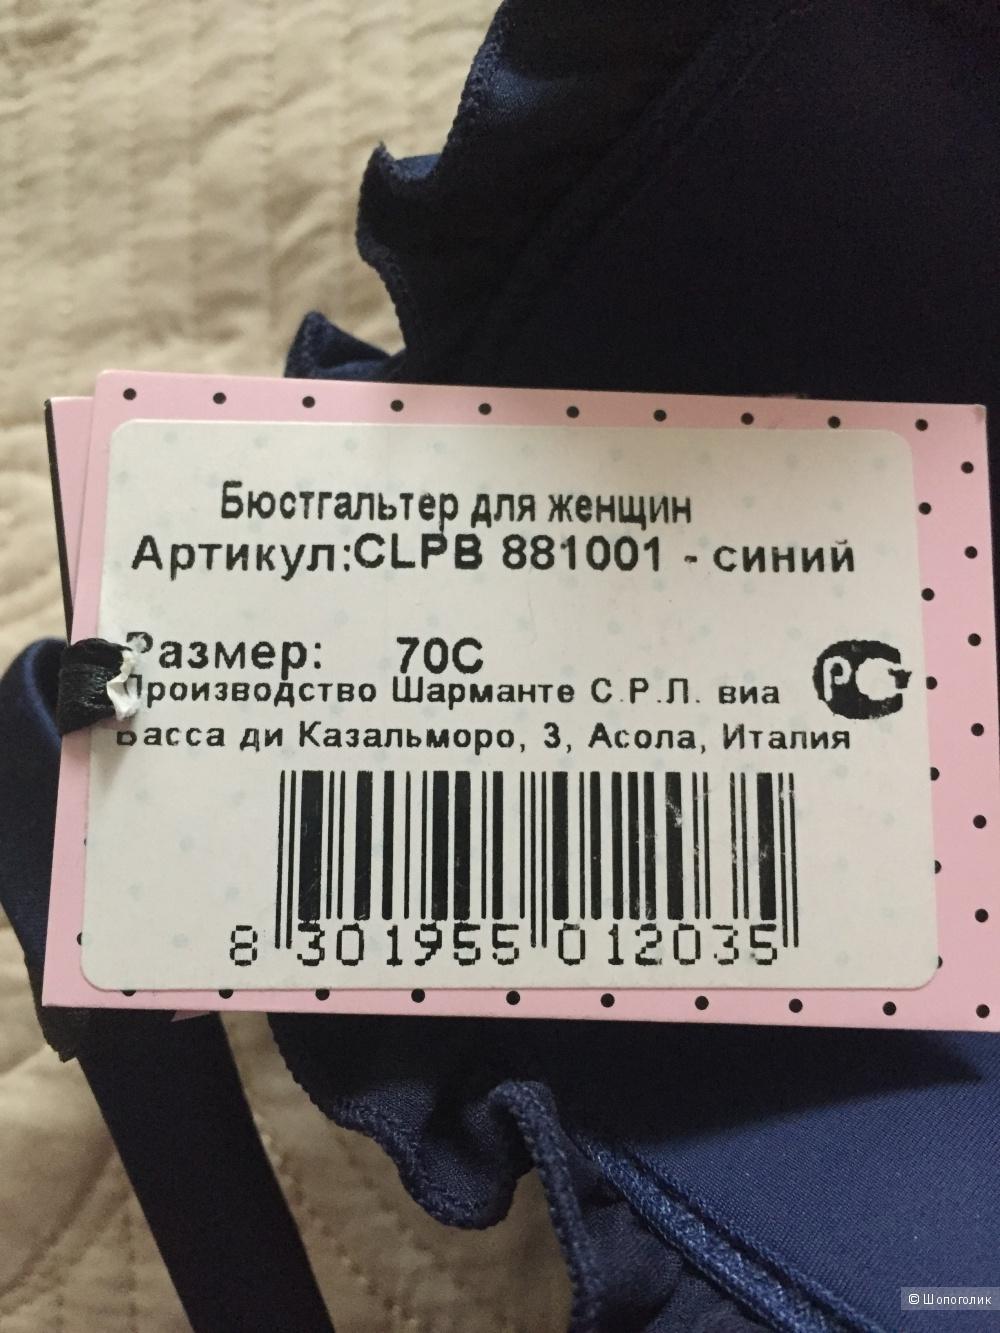 Комплект белья Шарманте на 75В, 42-44